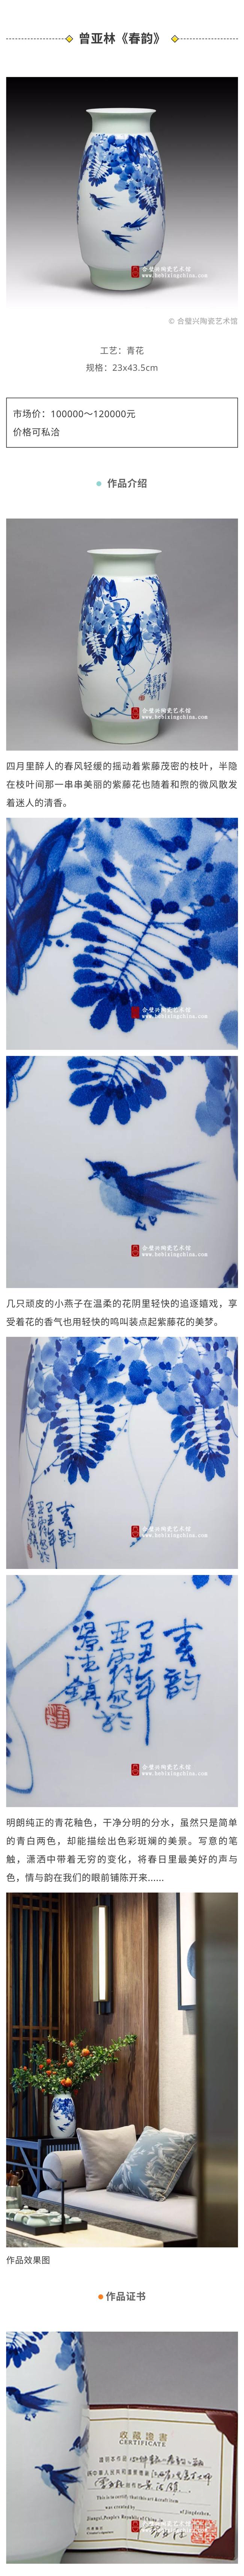 曾亚林-春韵-小.jpg